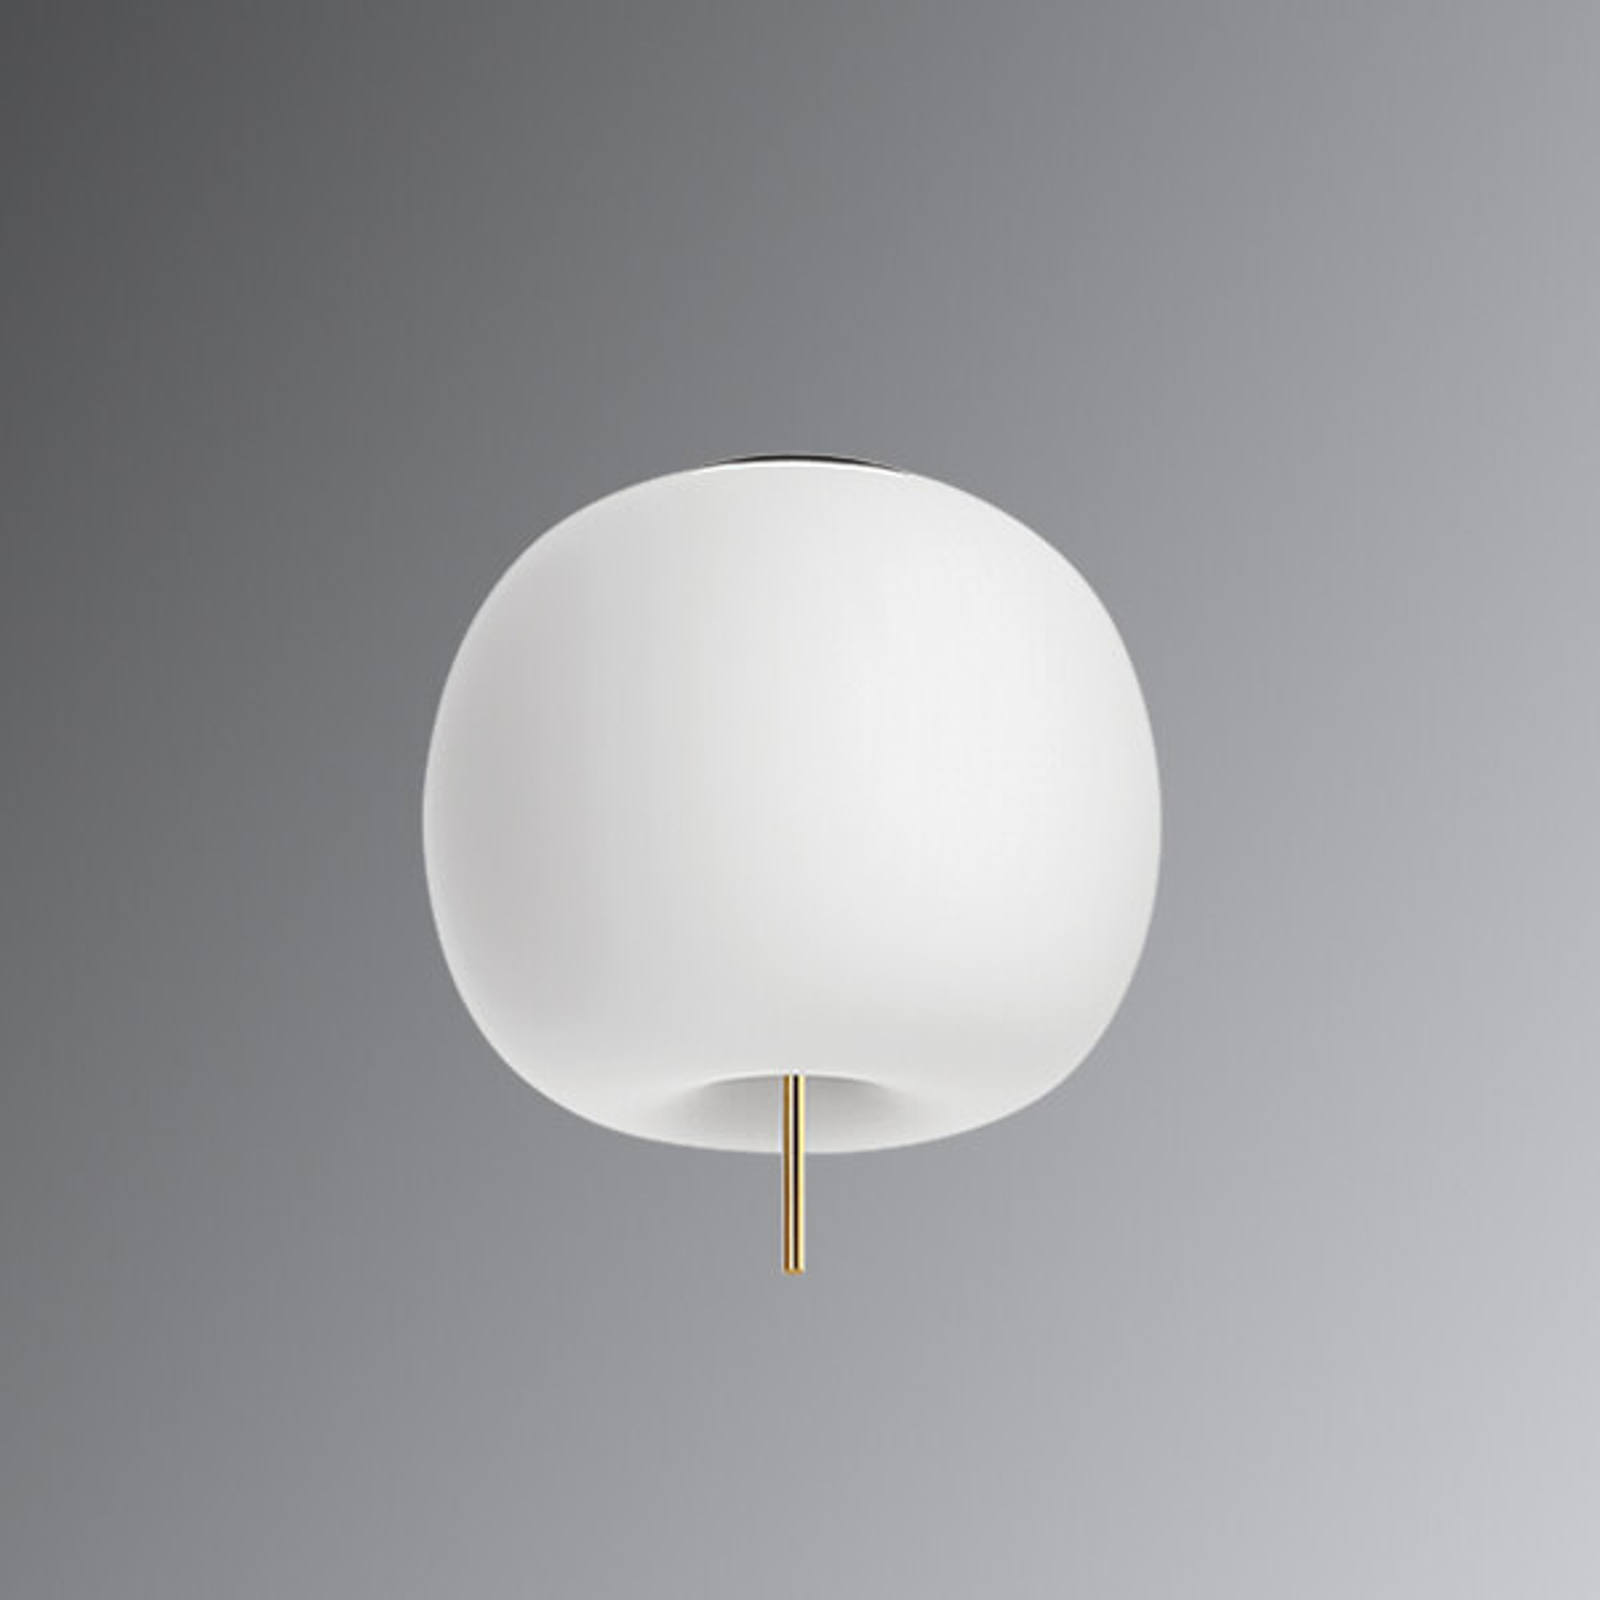 Kundalini Kushi - LED plafondlamp messing 33 cm